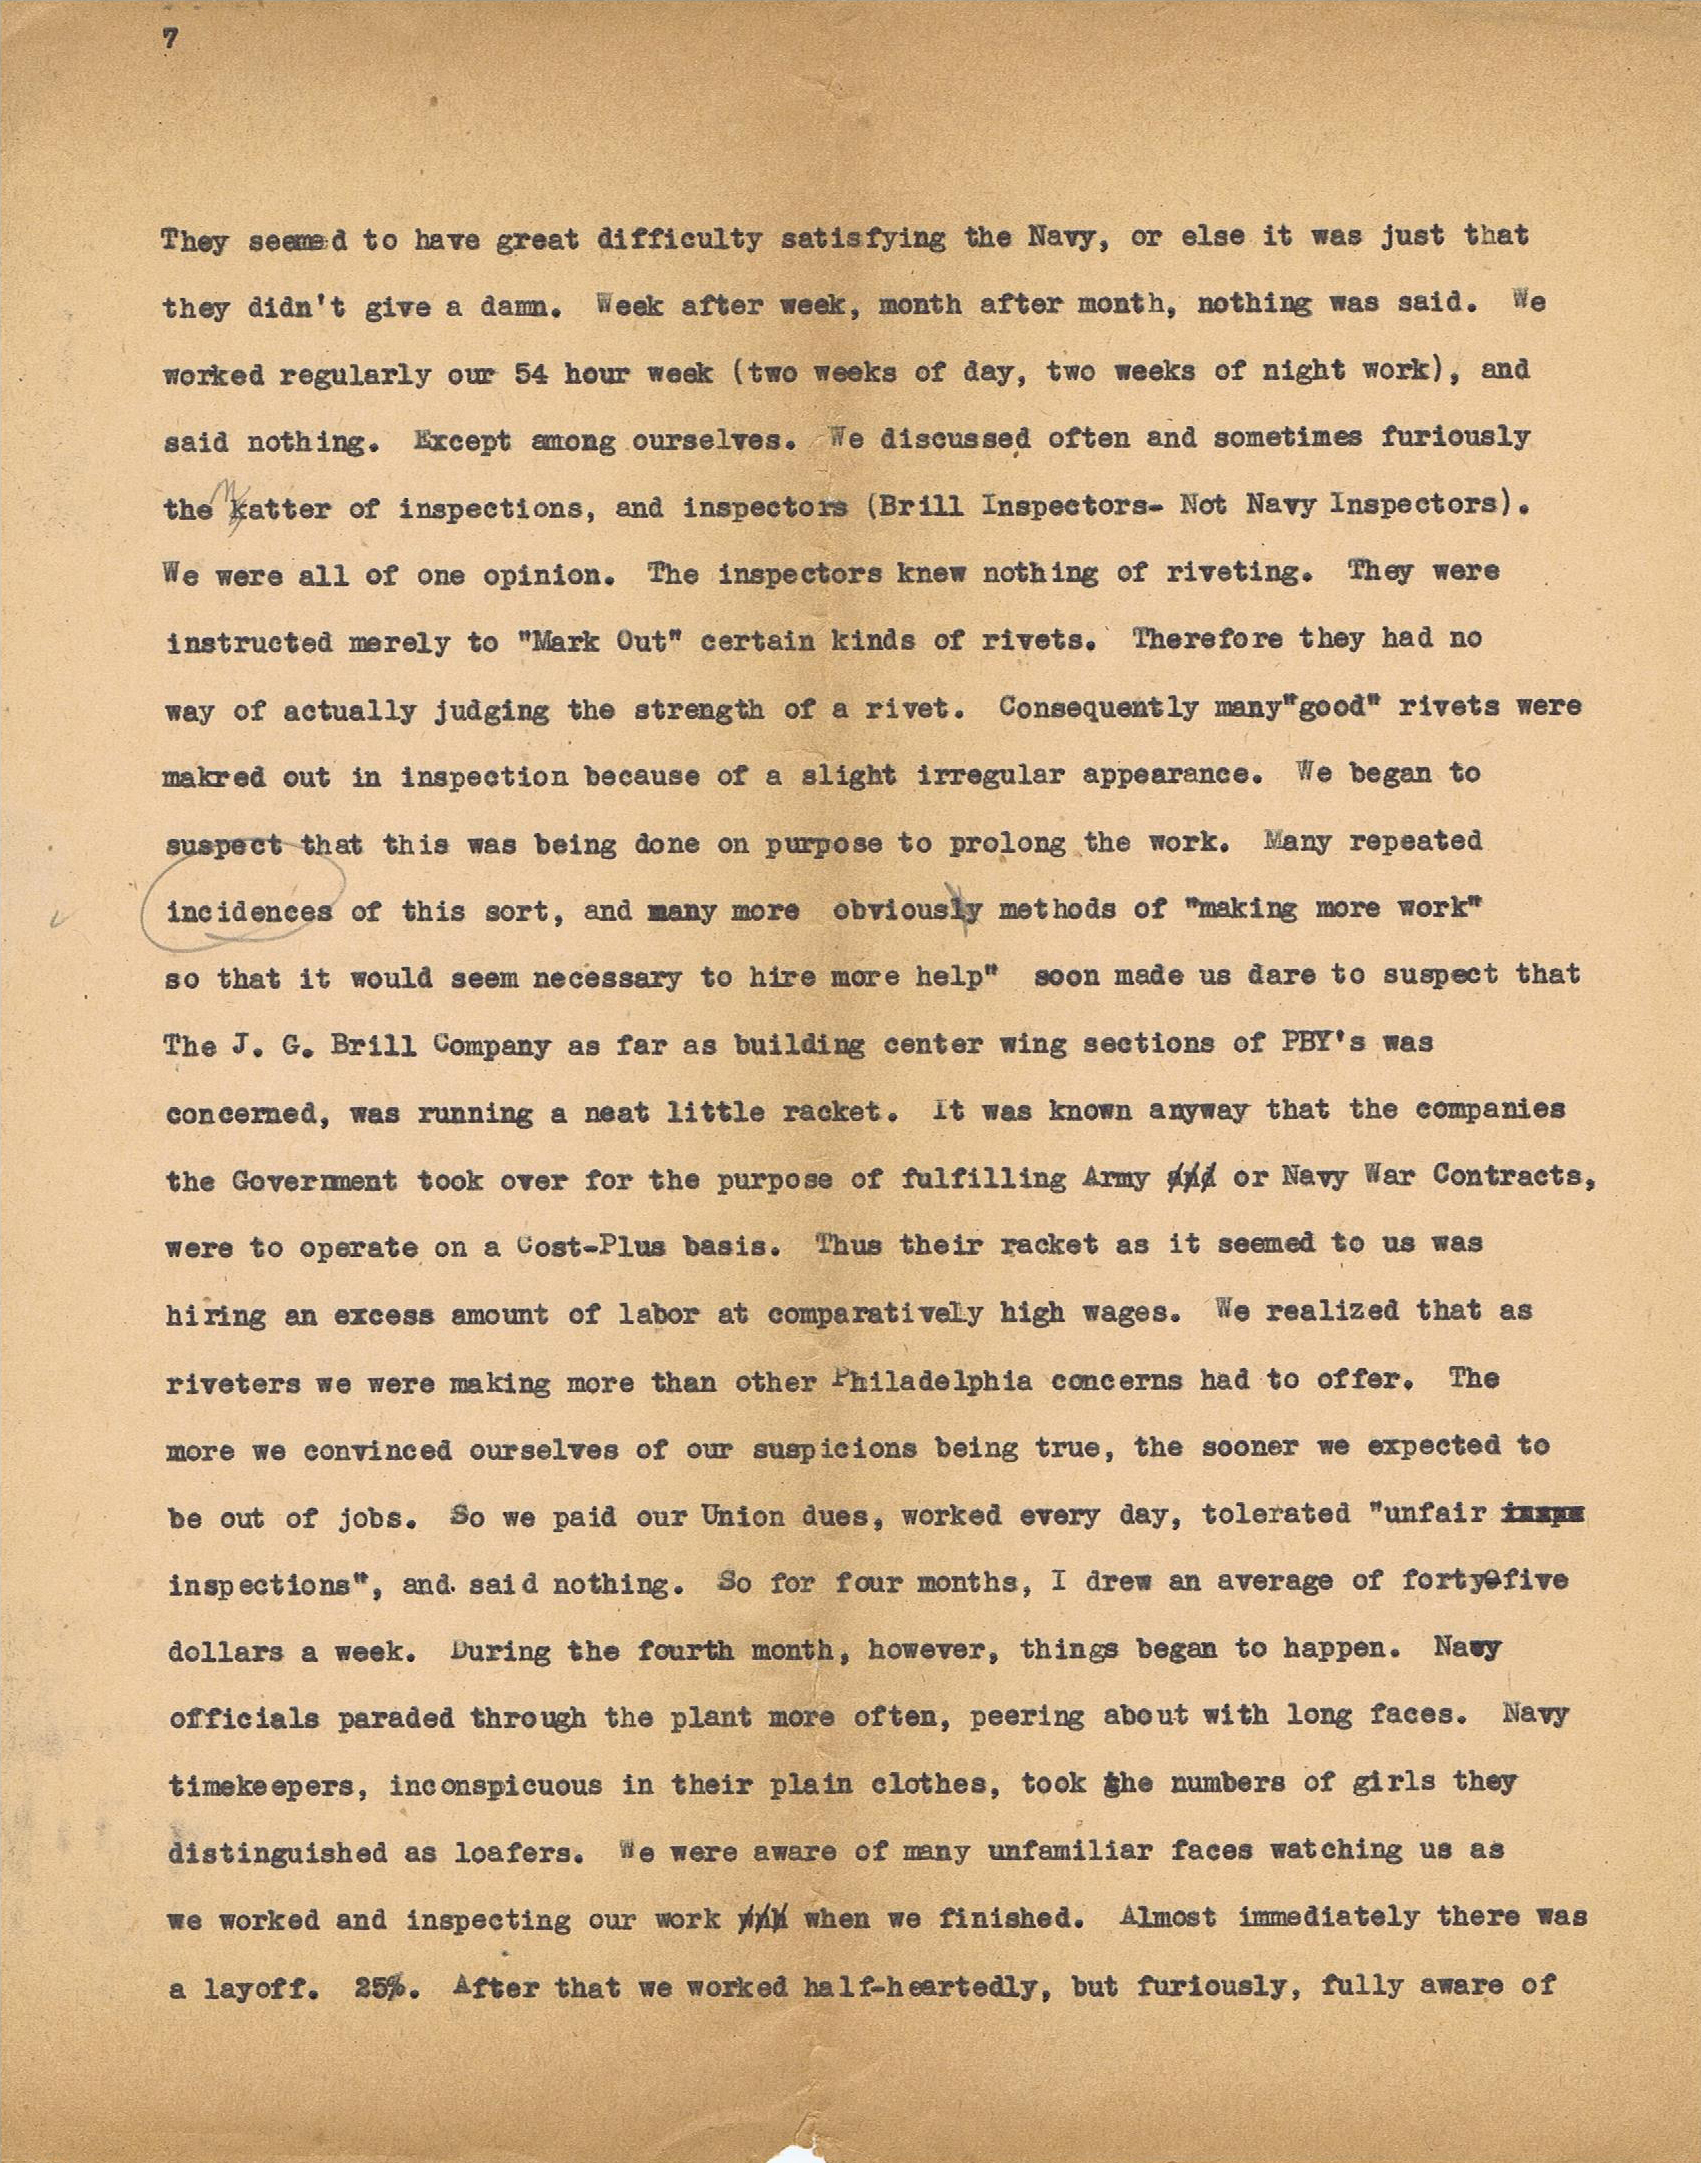 jan-essay-pg-7